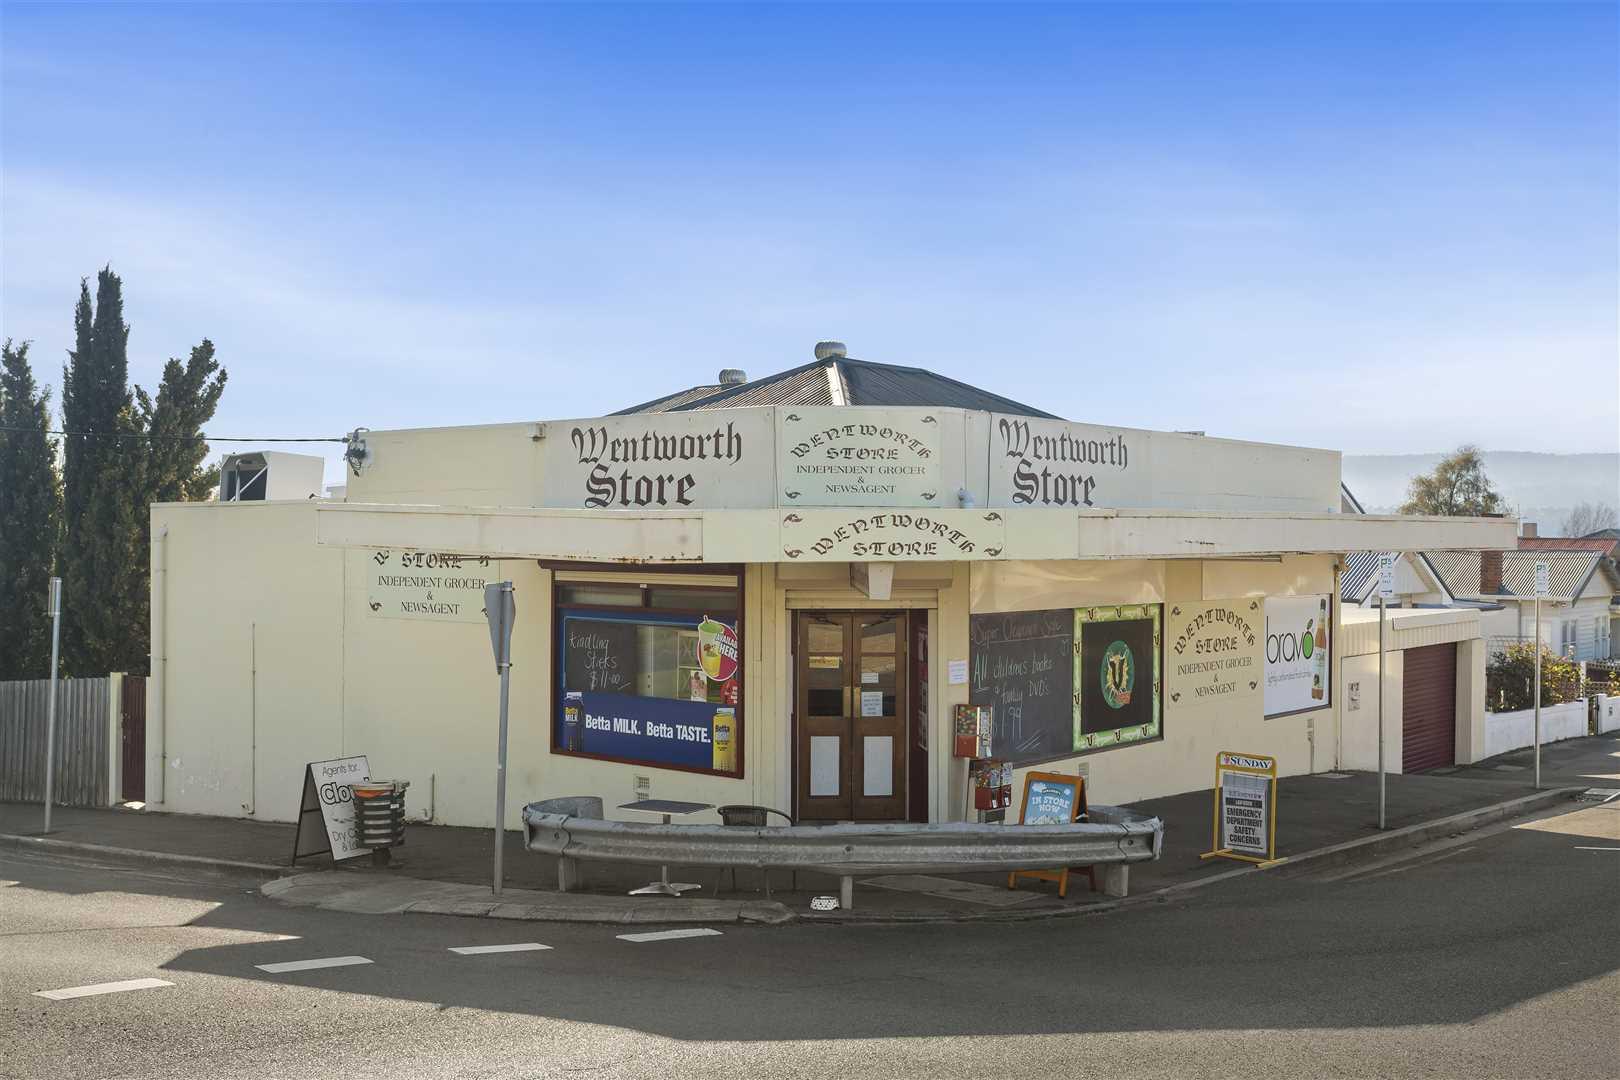 Wentworth Street Store